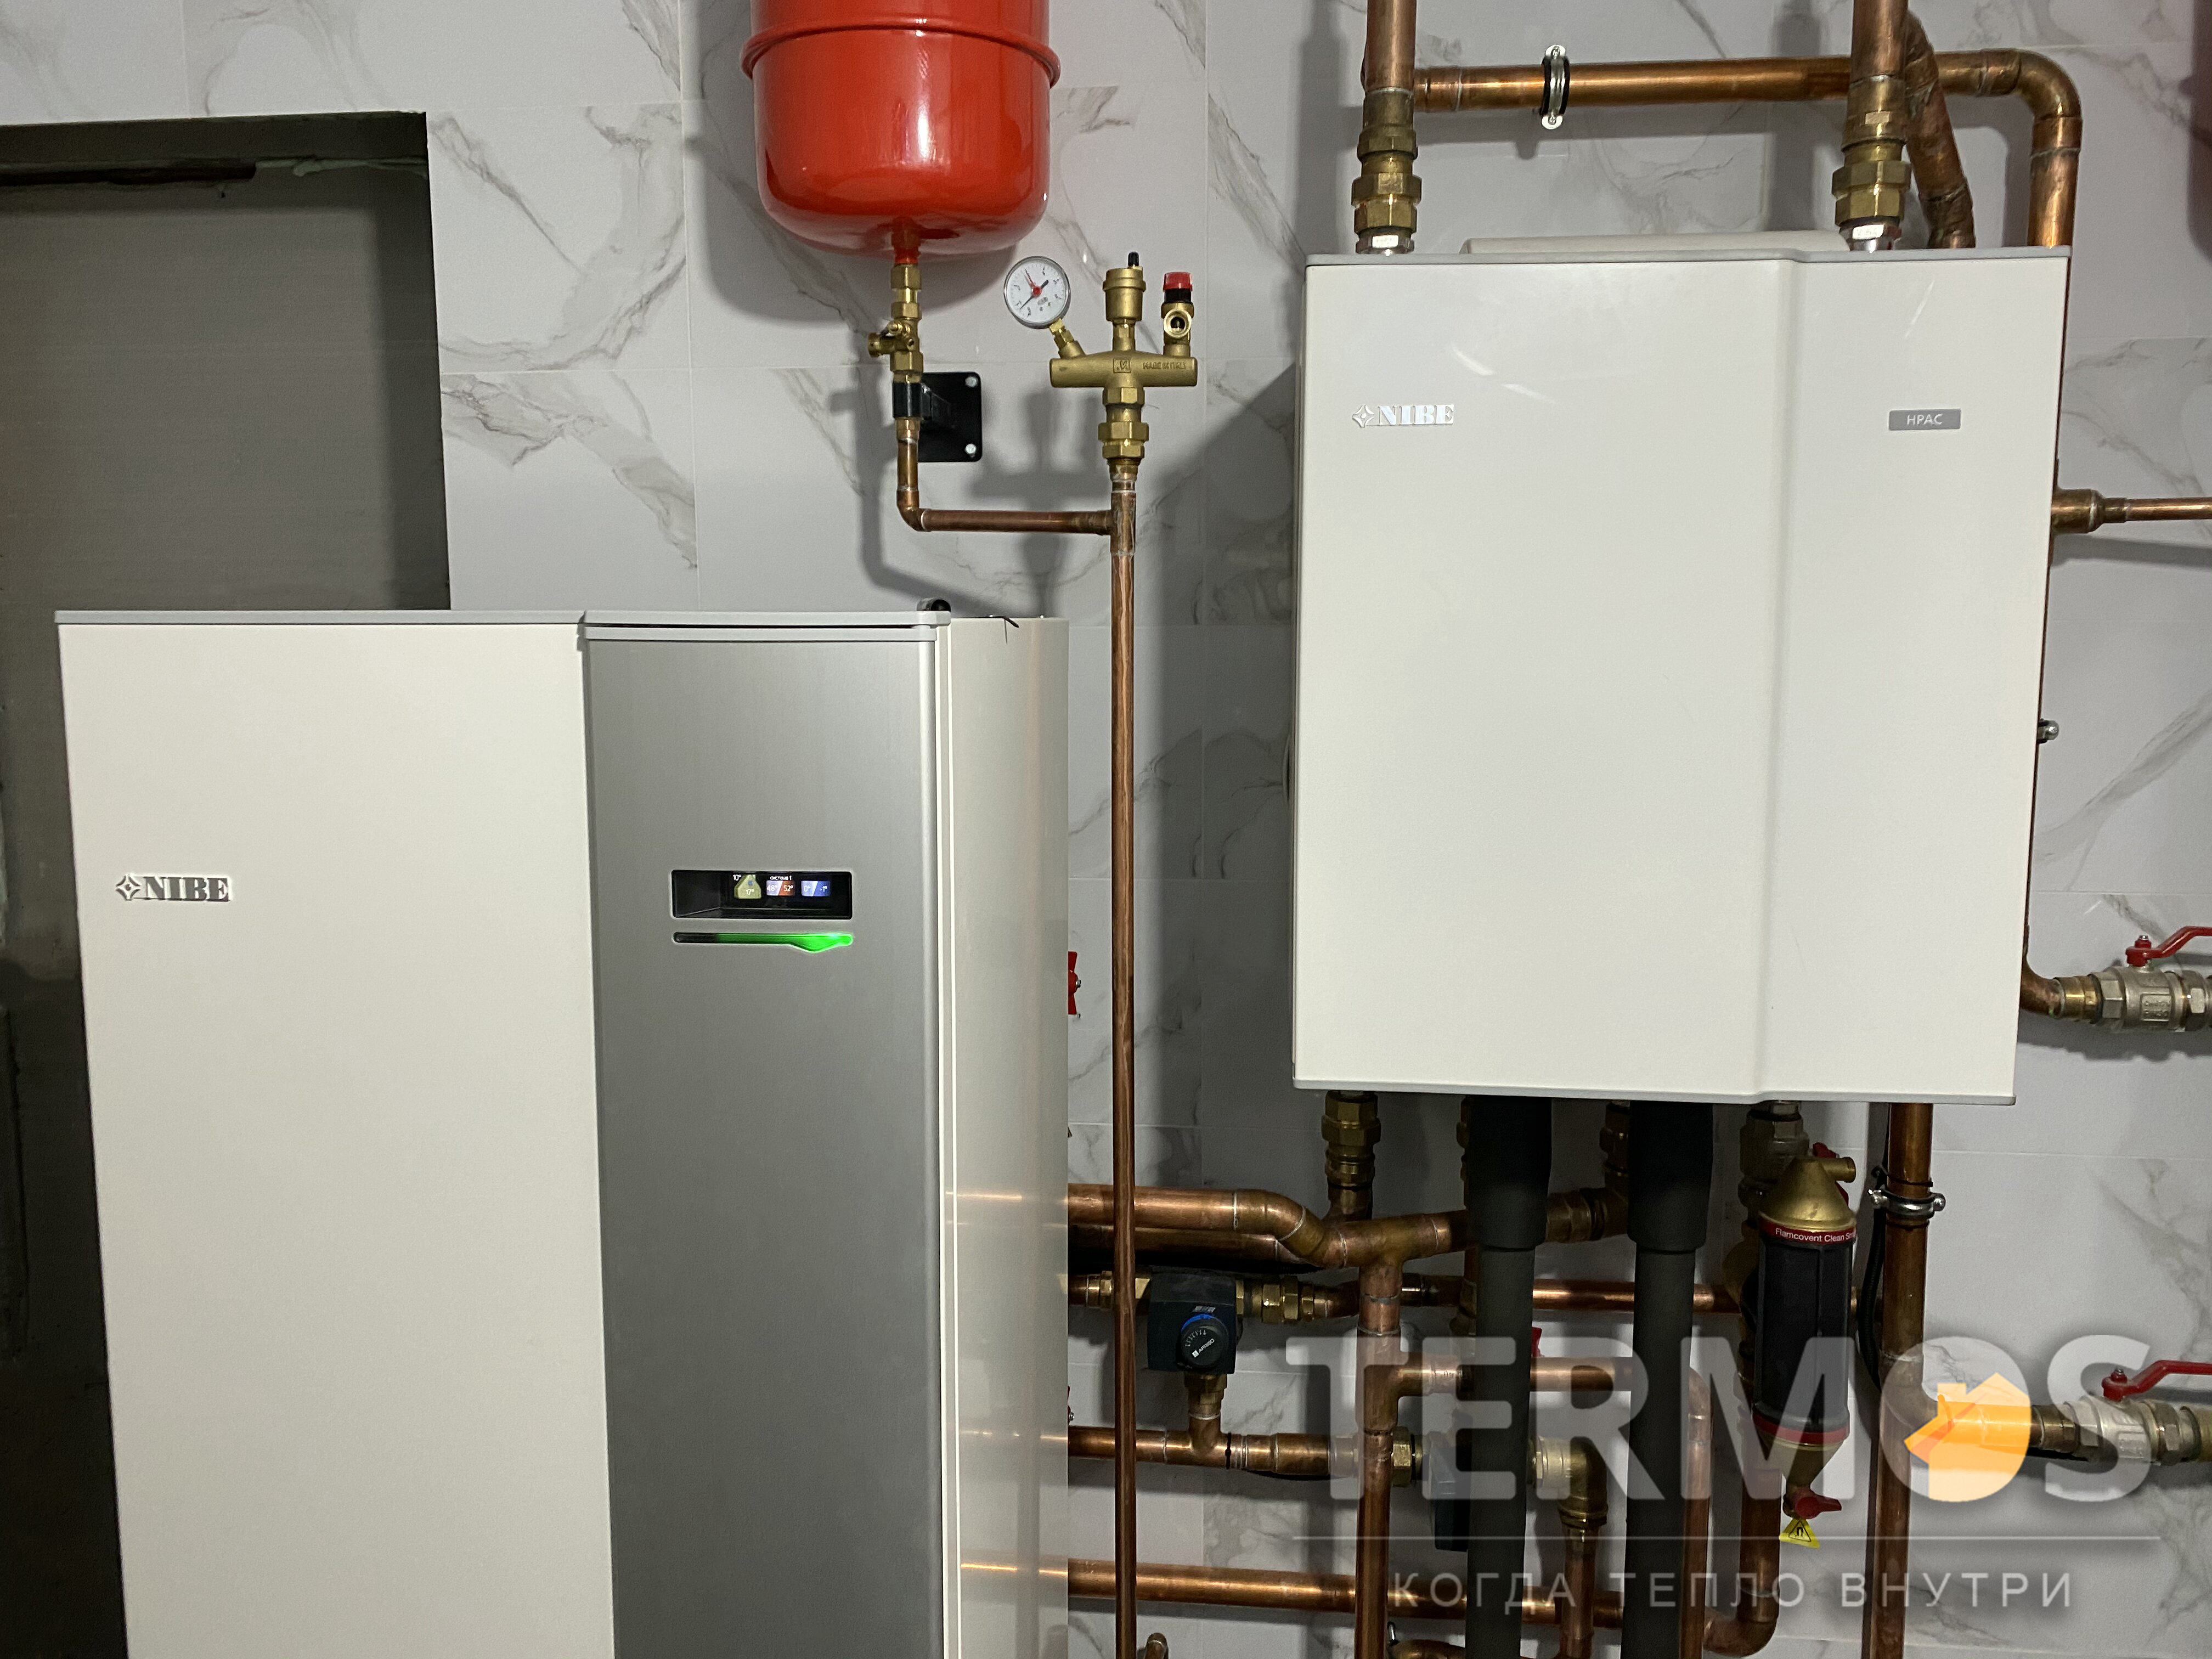 Функции пассивного / активного охлаждения дома летом, в автоматическом режиме, обеспечивает блок NIBE HPAC. Пассивное охлаждение, практически бесплатное, за счет циркуляции рассола через геотермальные зонды. Активное охлаждение обеспечивает включение компрессорного блока